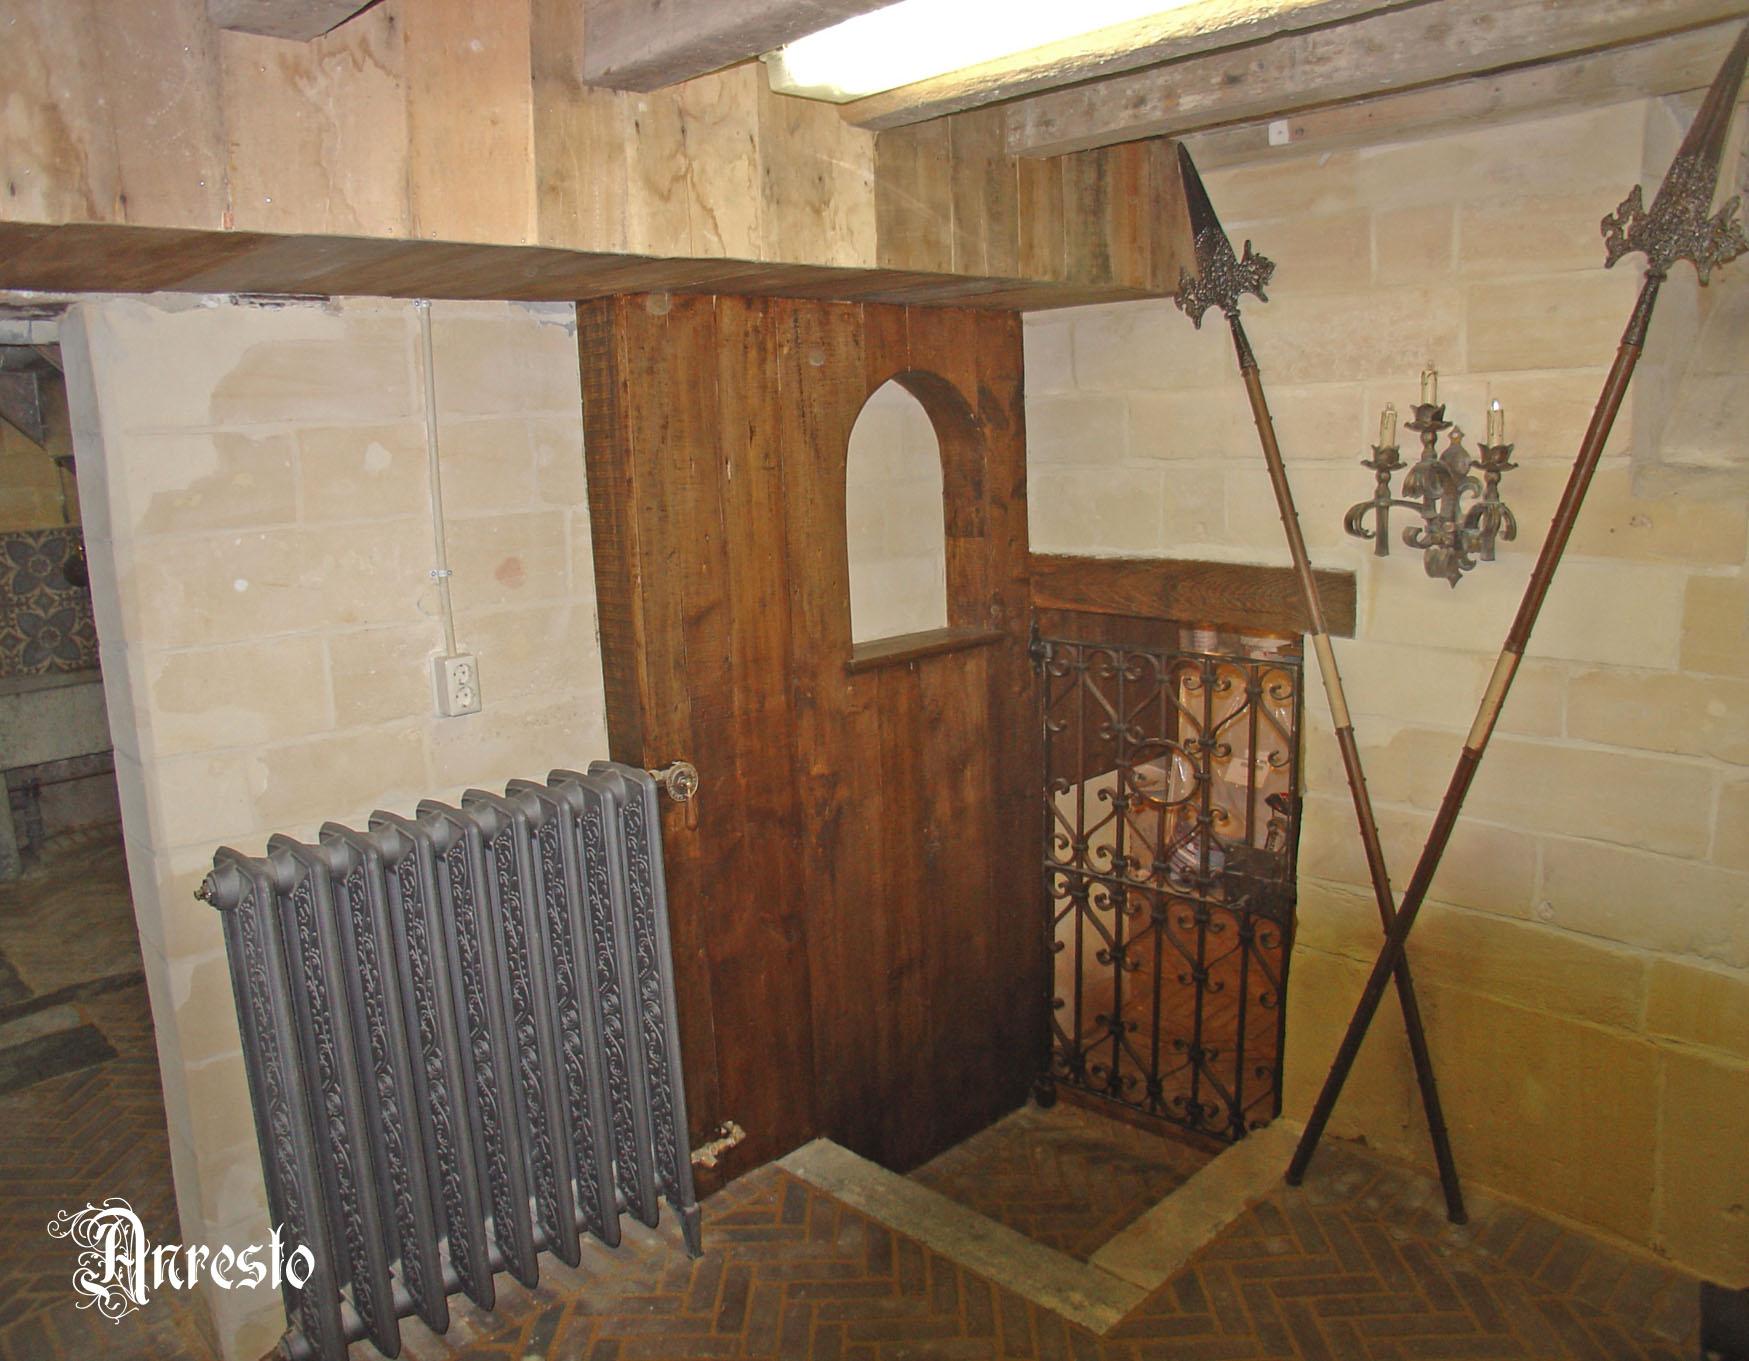 Ref. 46 - Antieke bouwmaterialen, oude historische bouwmaterialen